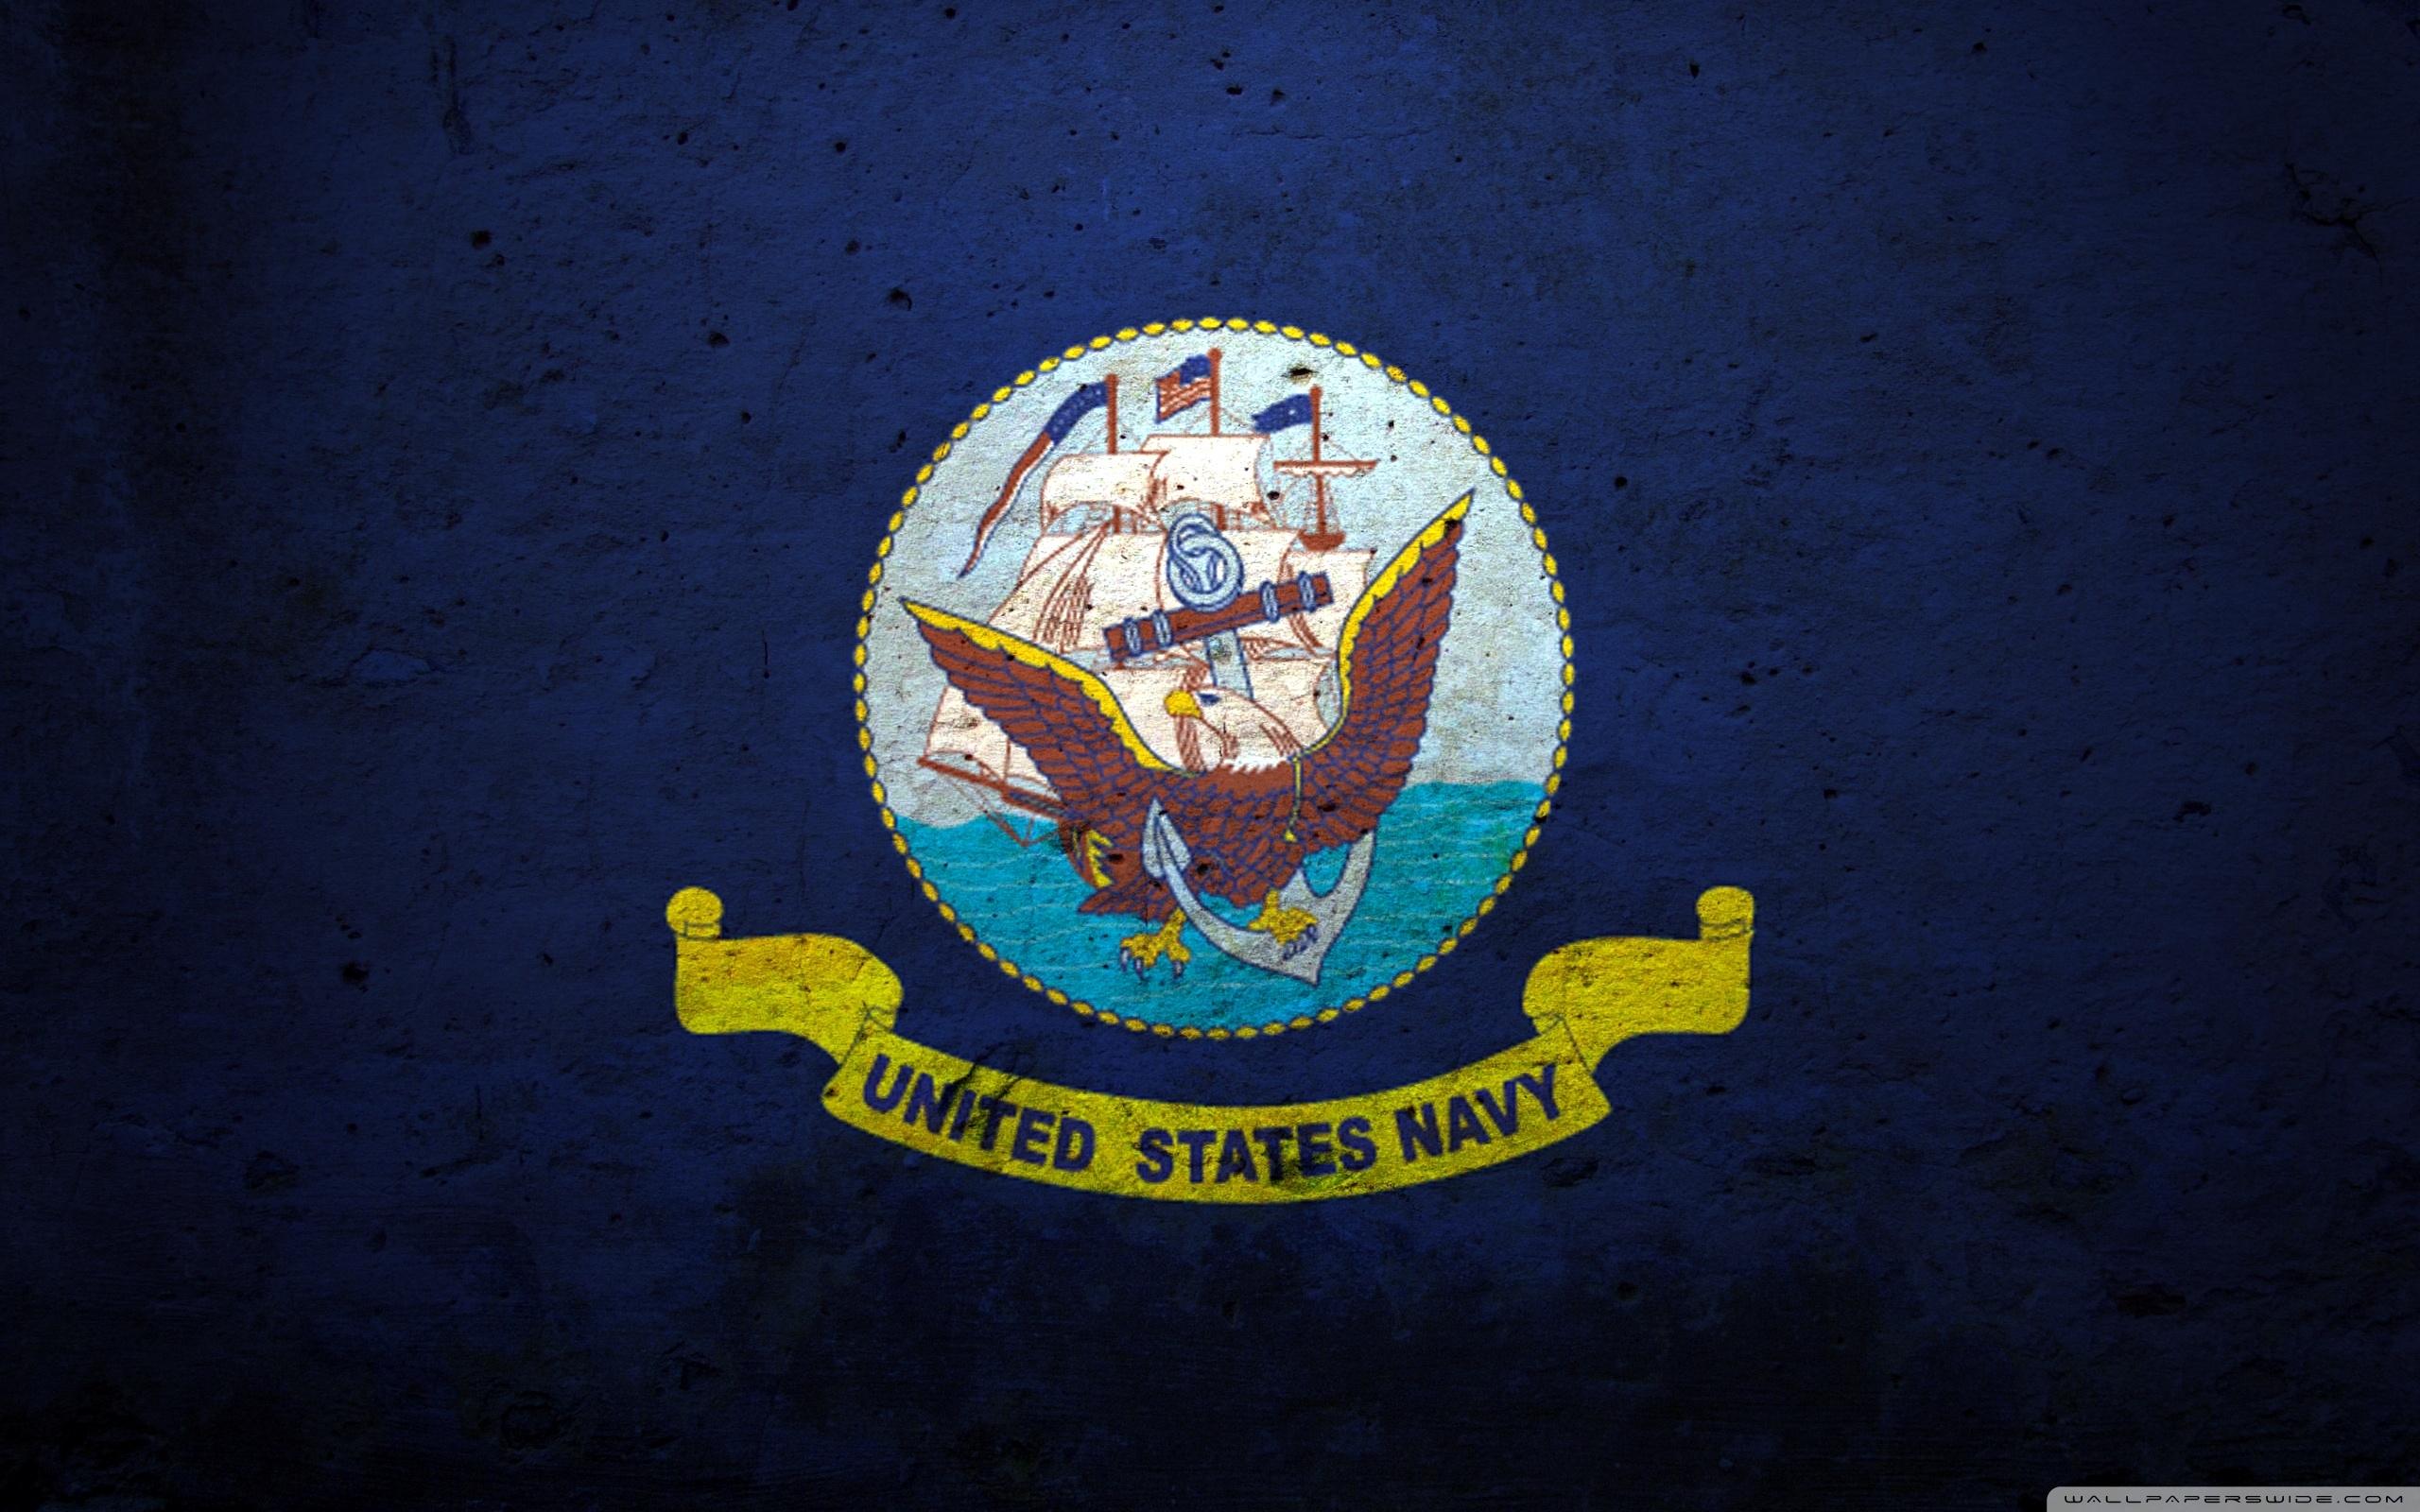 flag of the united states navy ❤ 4k hd desktop wallpaper for 4k